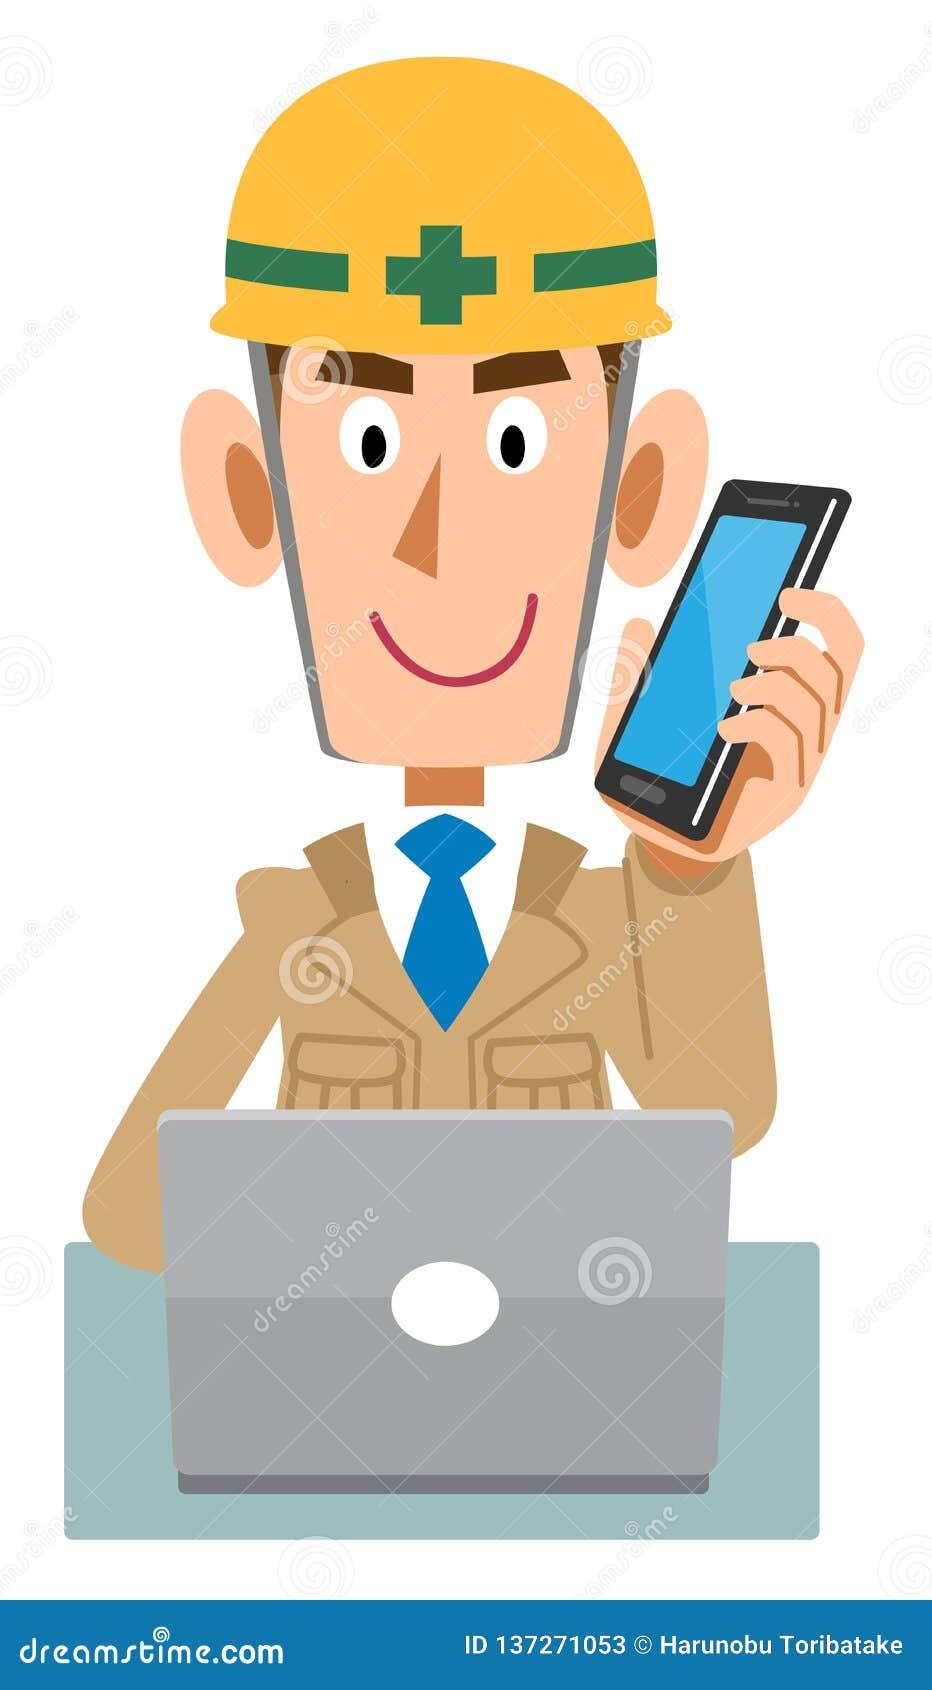 Um trabalhador em um canteiro de obras que opere um PC ao falar com um telefone celular